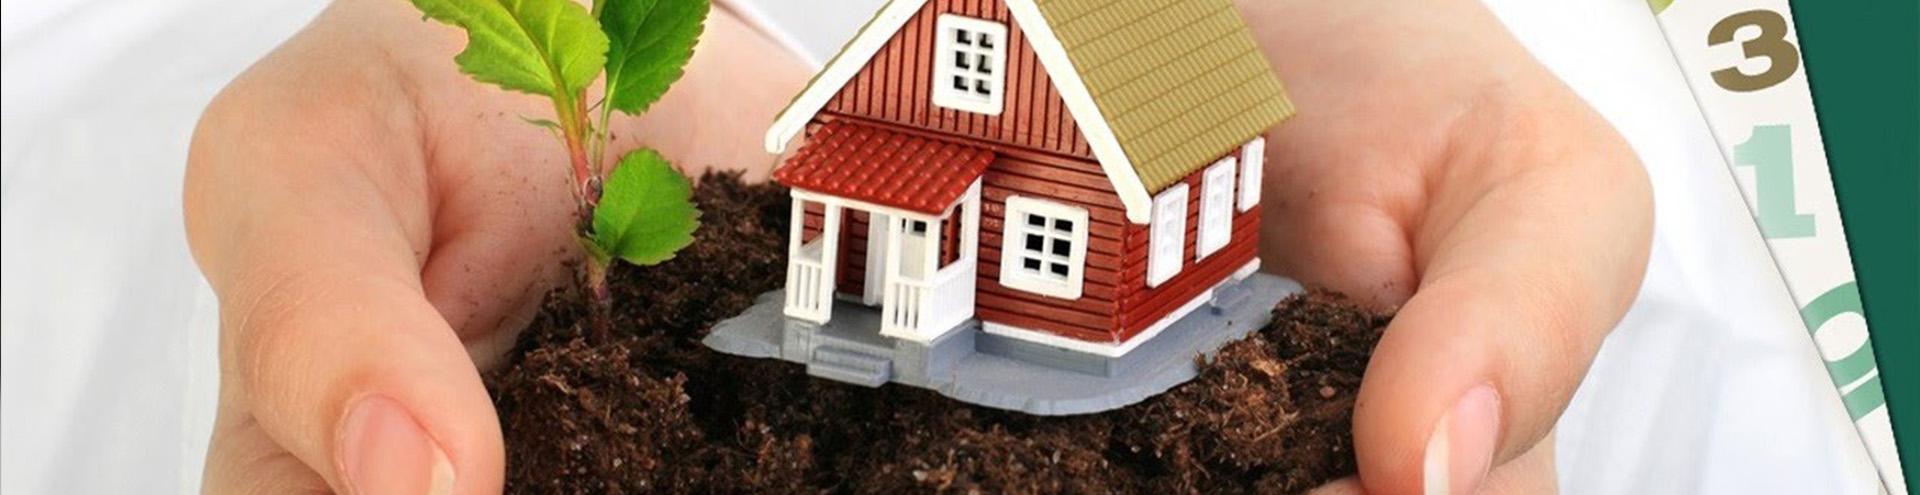 права собственности по приобретательной давности в Владимире